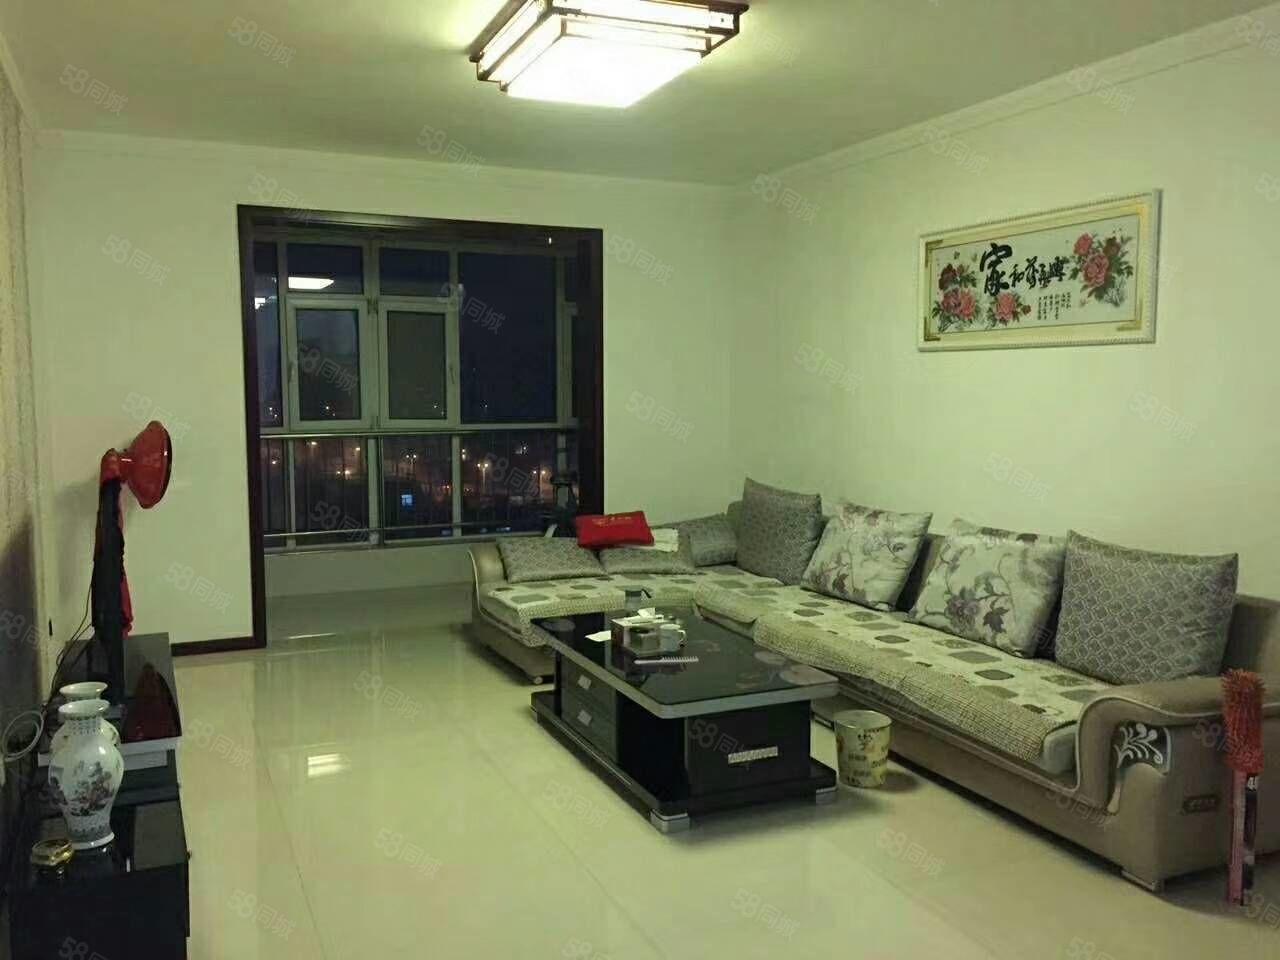 华苑小区,精装房,电视,冰箱,图片真实,